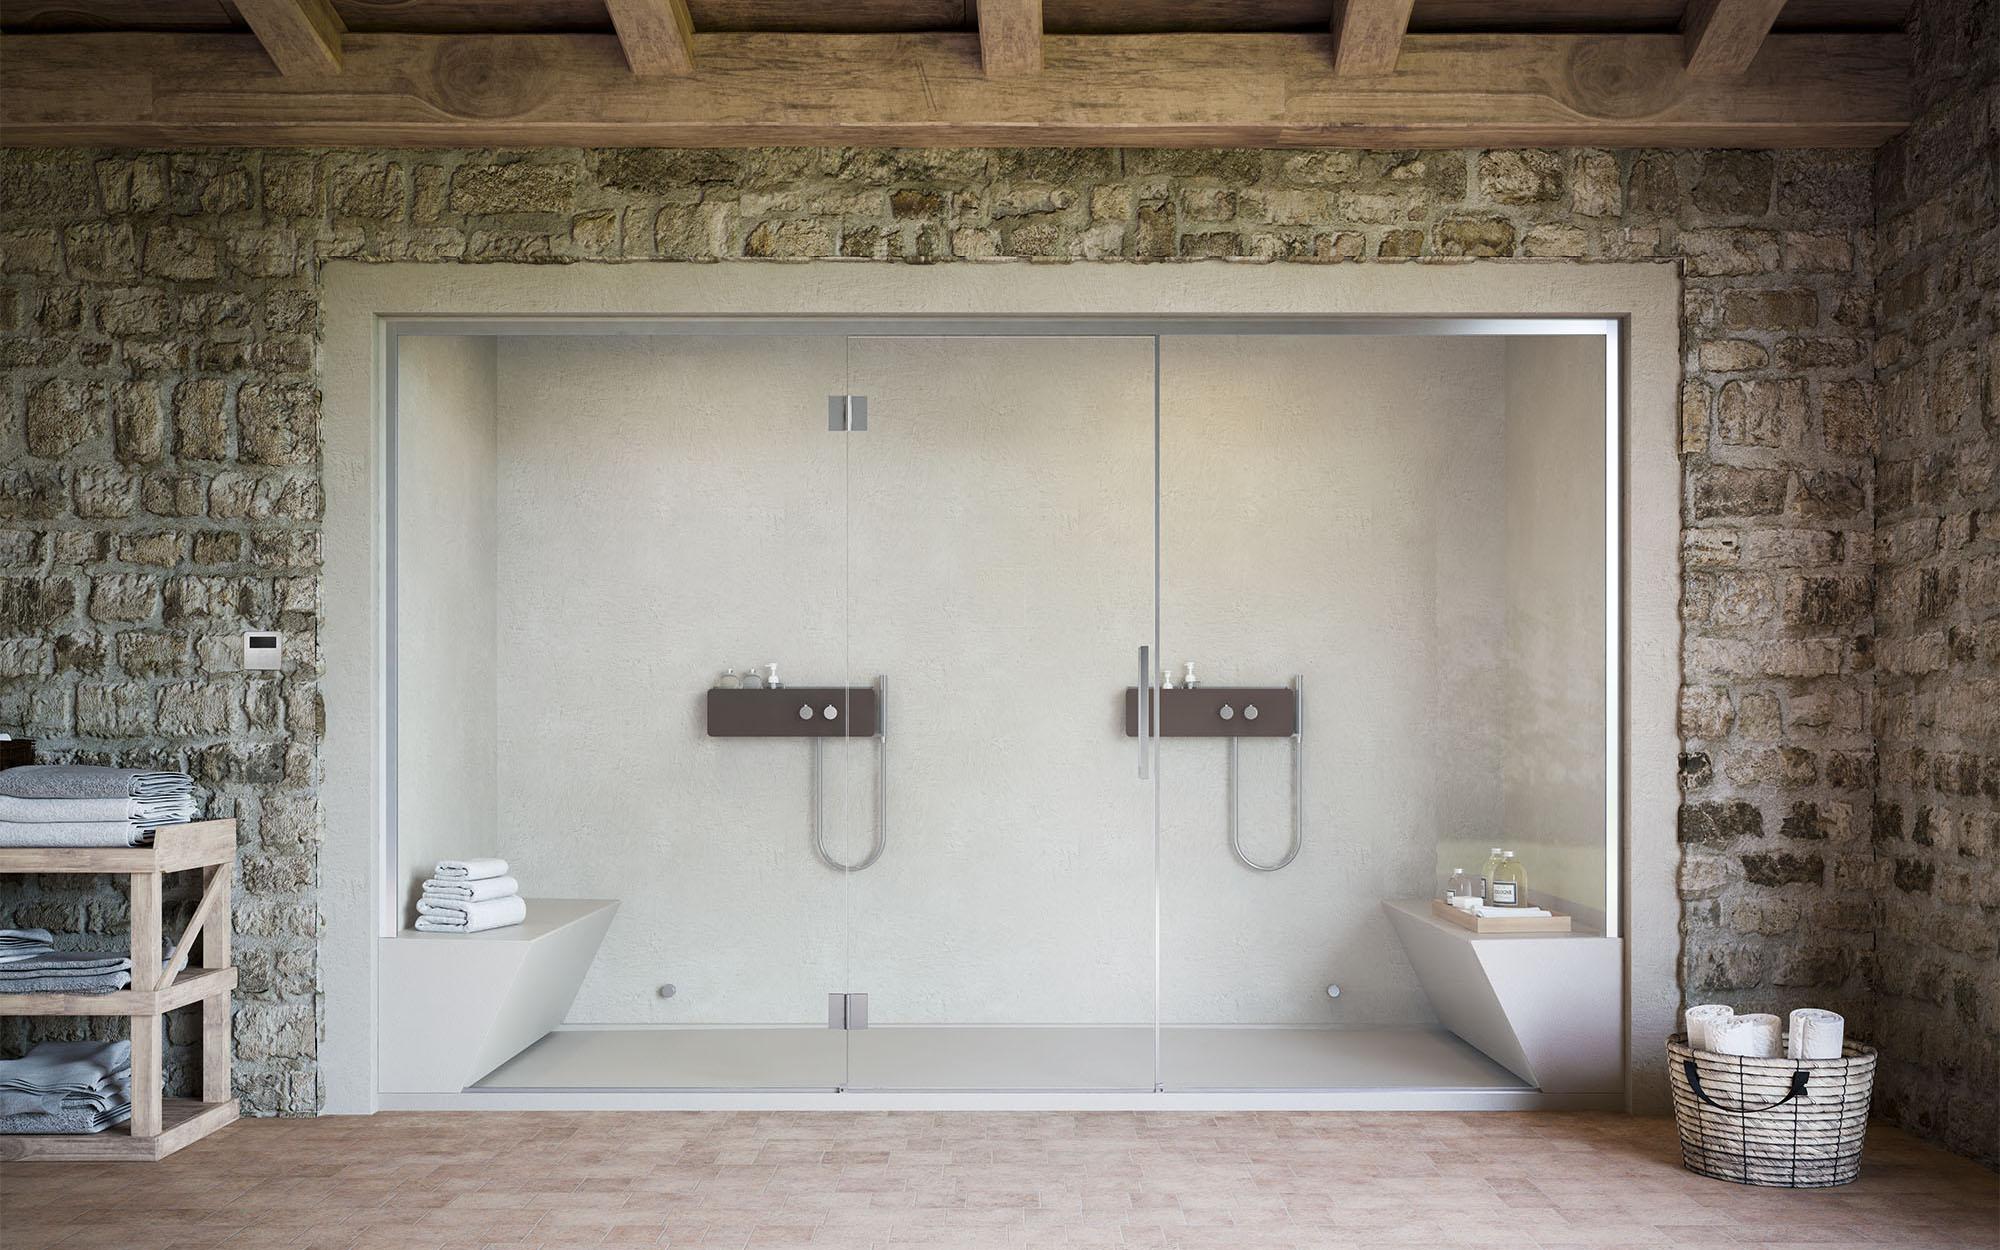 Vasca Da Bagno Glass Lis : Vasche da bagno maddaloni caserta centro affari della mattonella